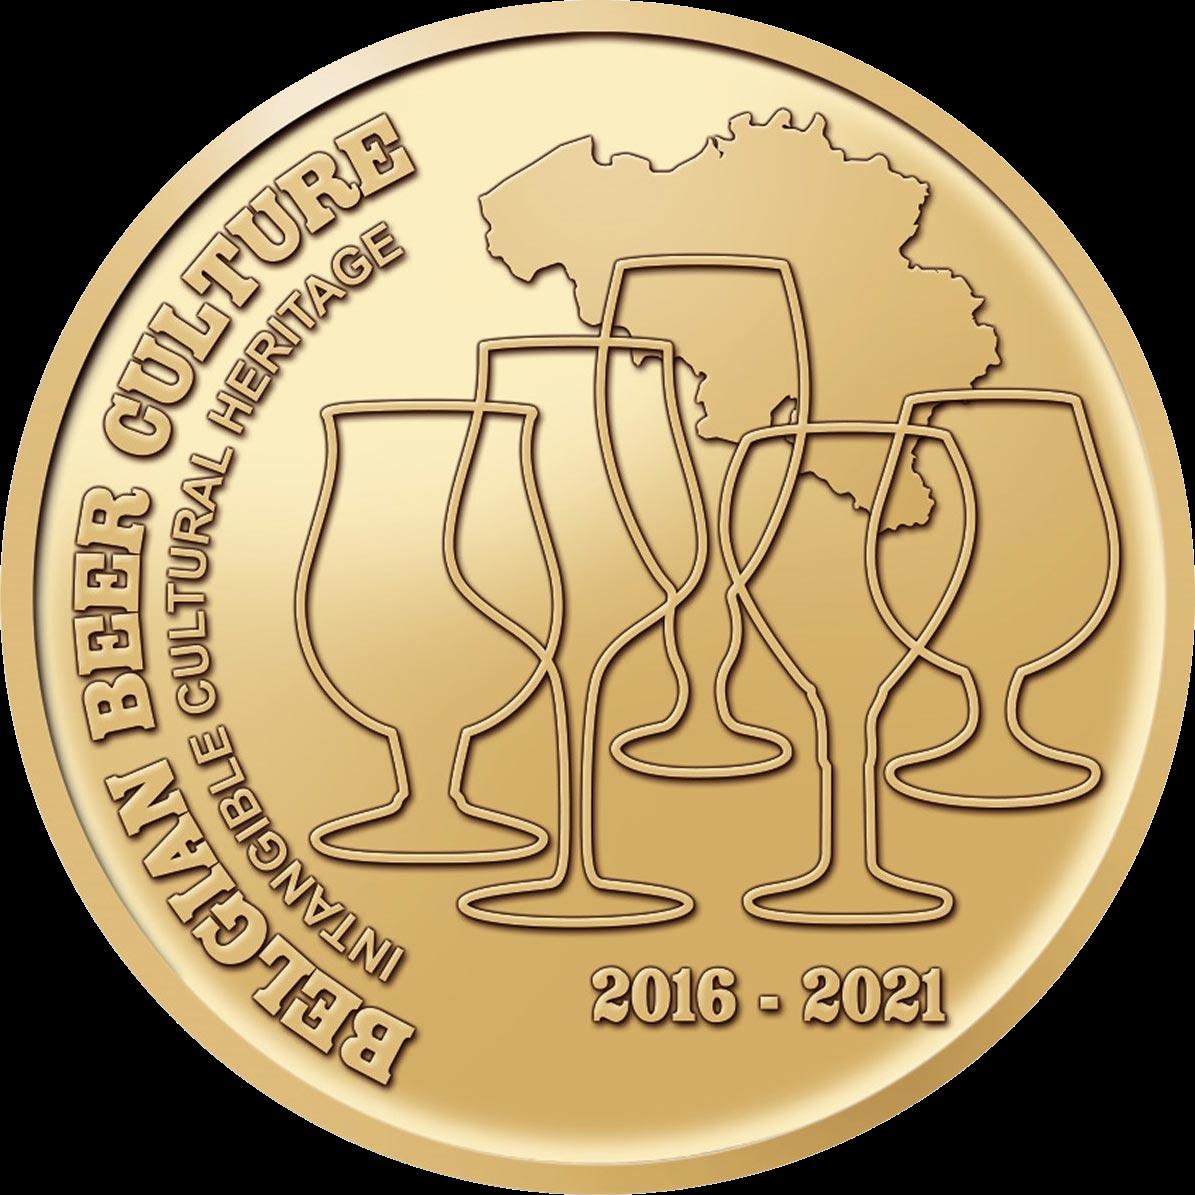 Бельгия монета 2,5 евро Наследия бельгийской пивной культуры, реверс